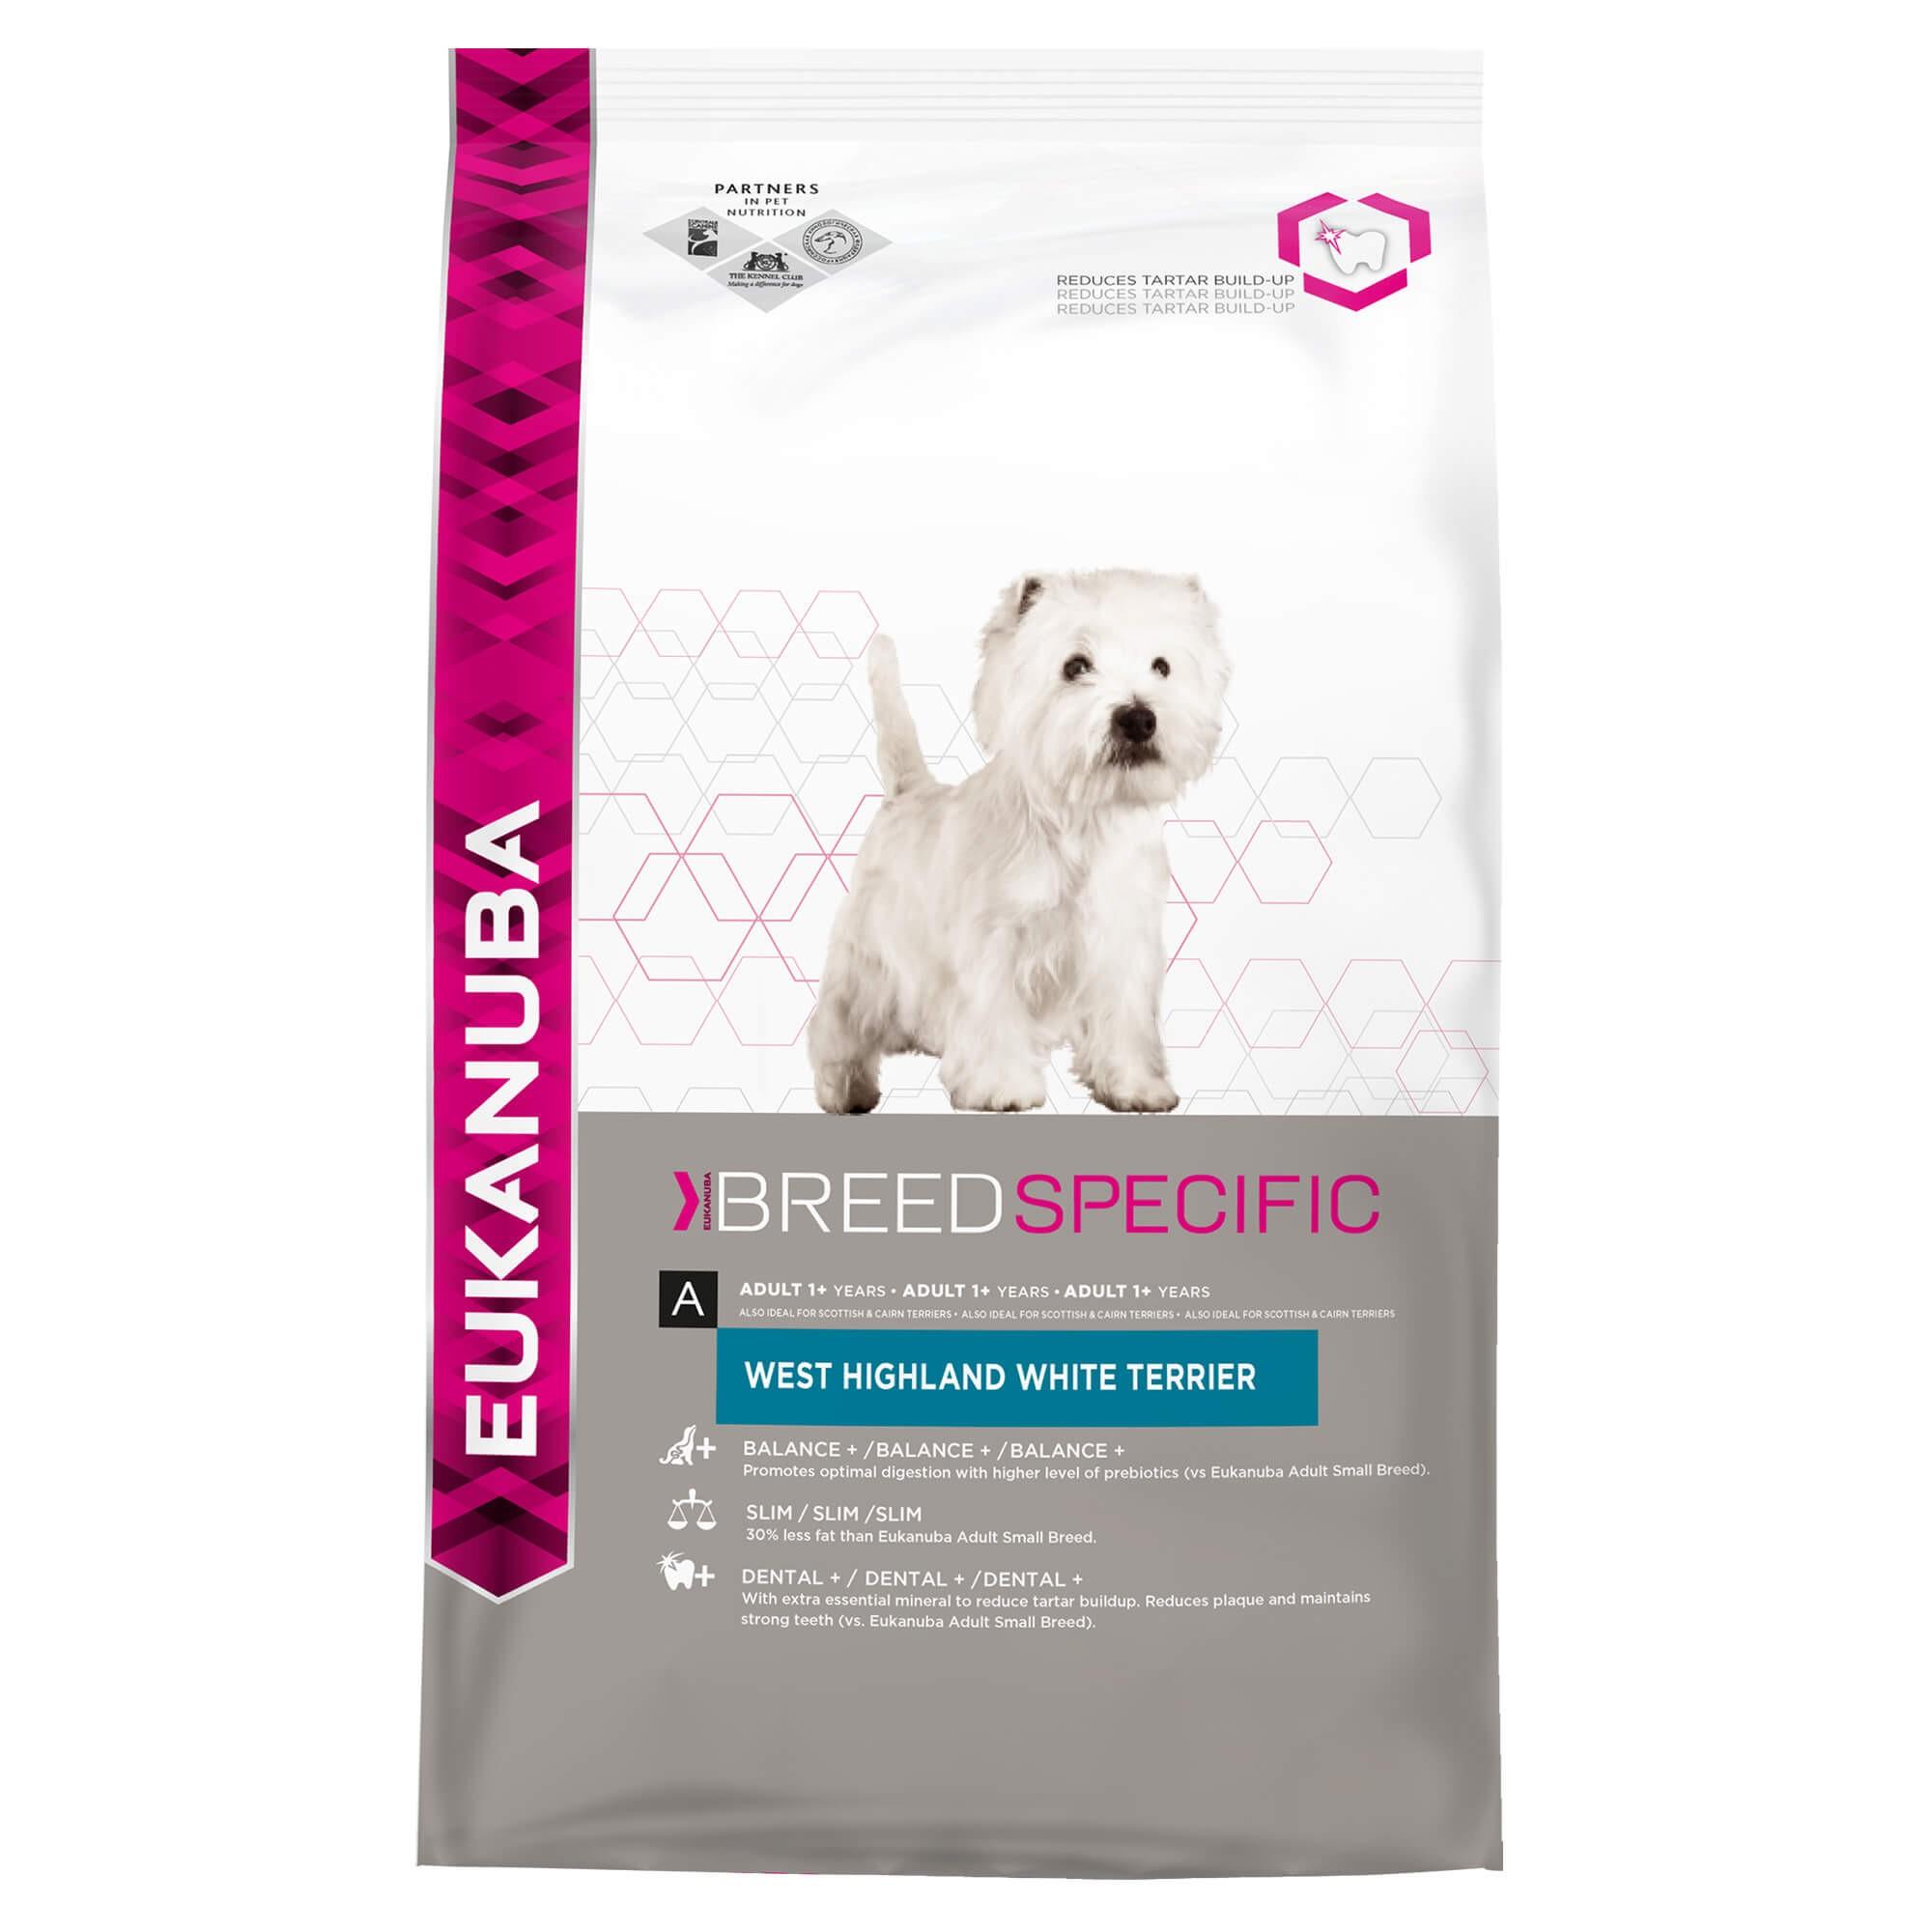 Eukanuba West Highland White Terrier hondenvoer